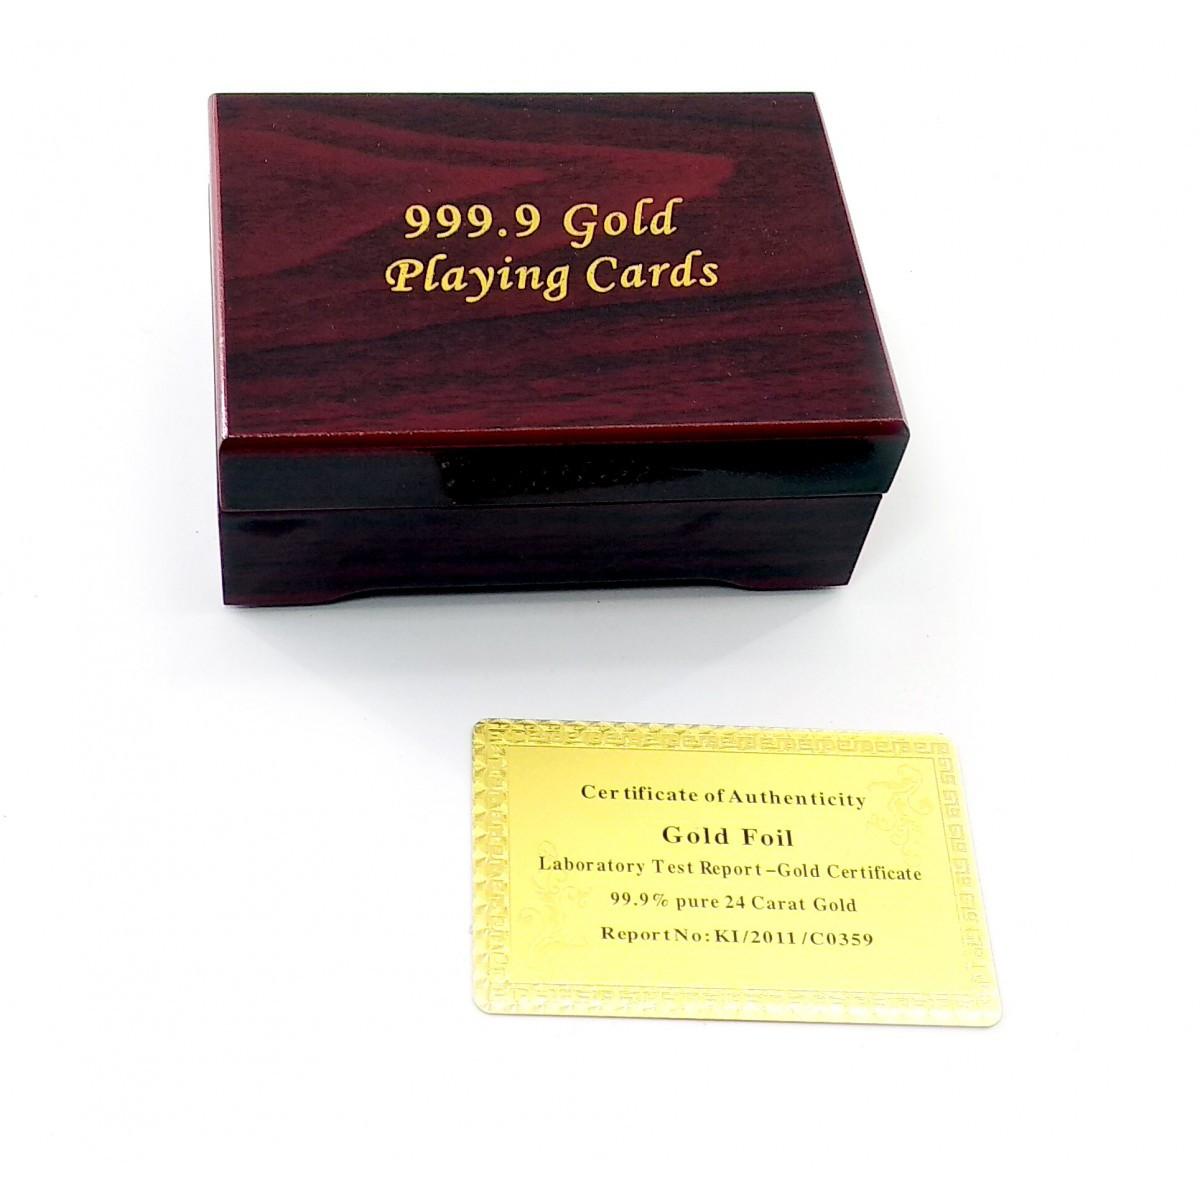 Карты игральные пластиковые отличного качества,  подарочные 100$, золото, с сертификатом, в роскошной шкатулке